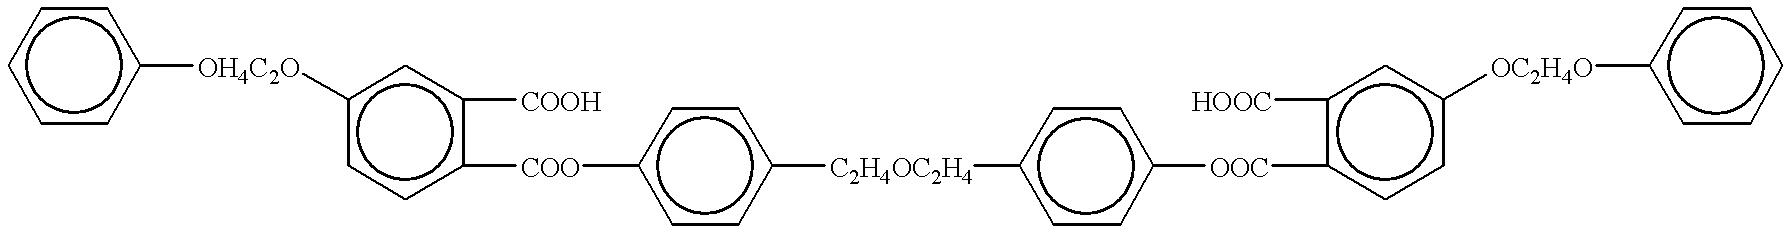 Figure US06180560-20010130-C00324